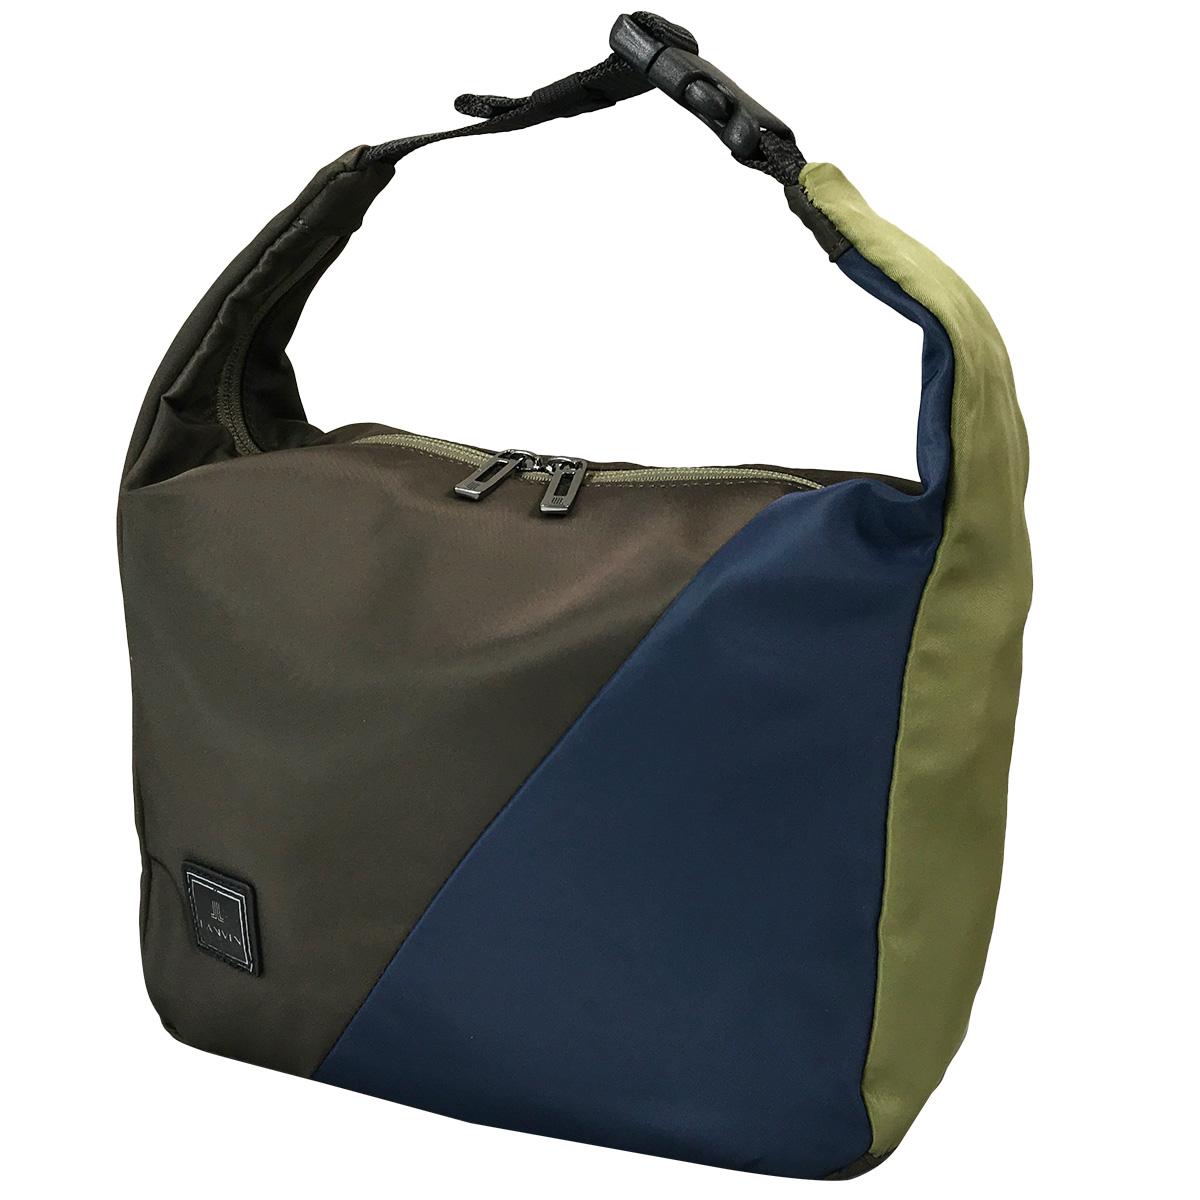 切り替えデザインカートバッグ